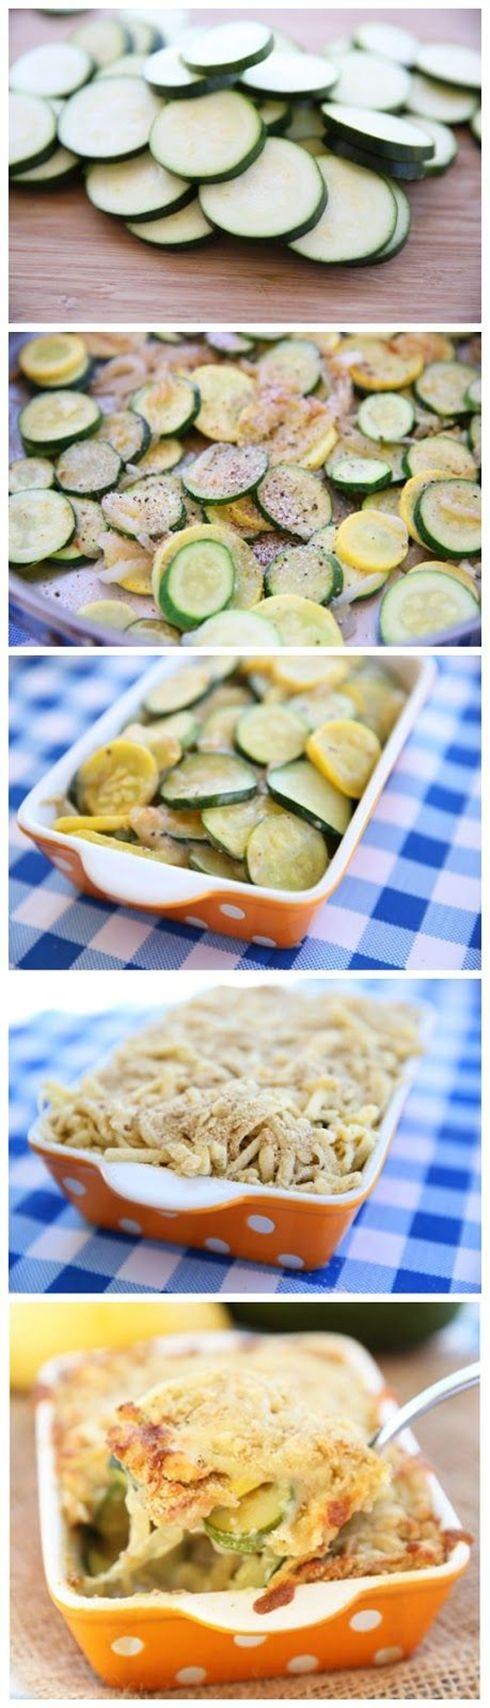 Zucchini Gratin | recipes | Pinterest